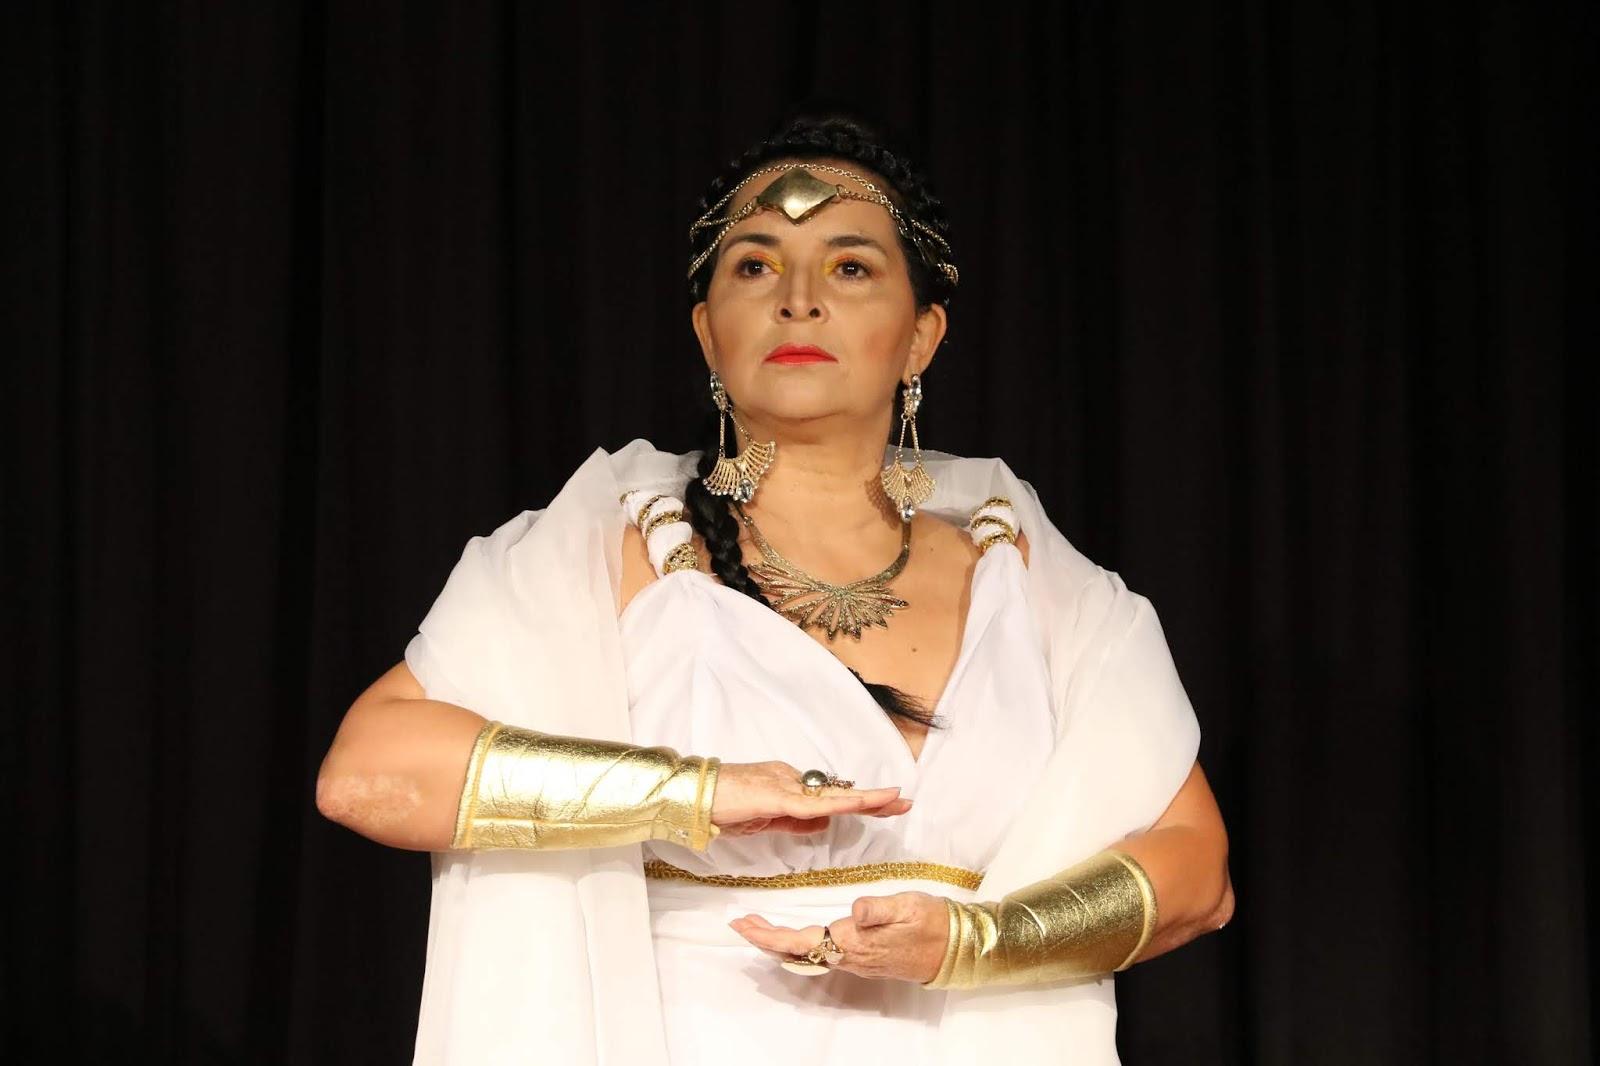 nstituto Artístico apresenta espetáculo inédito no Teatro Brasília Shopping